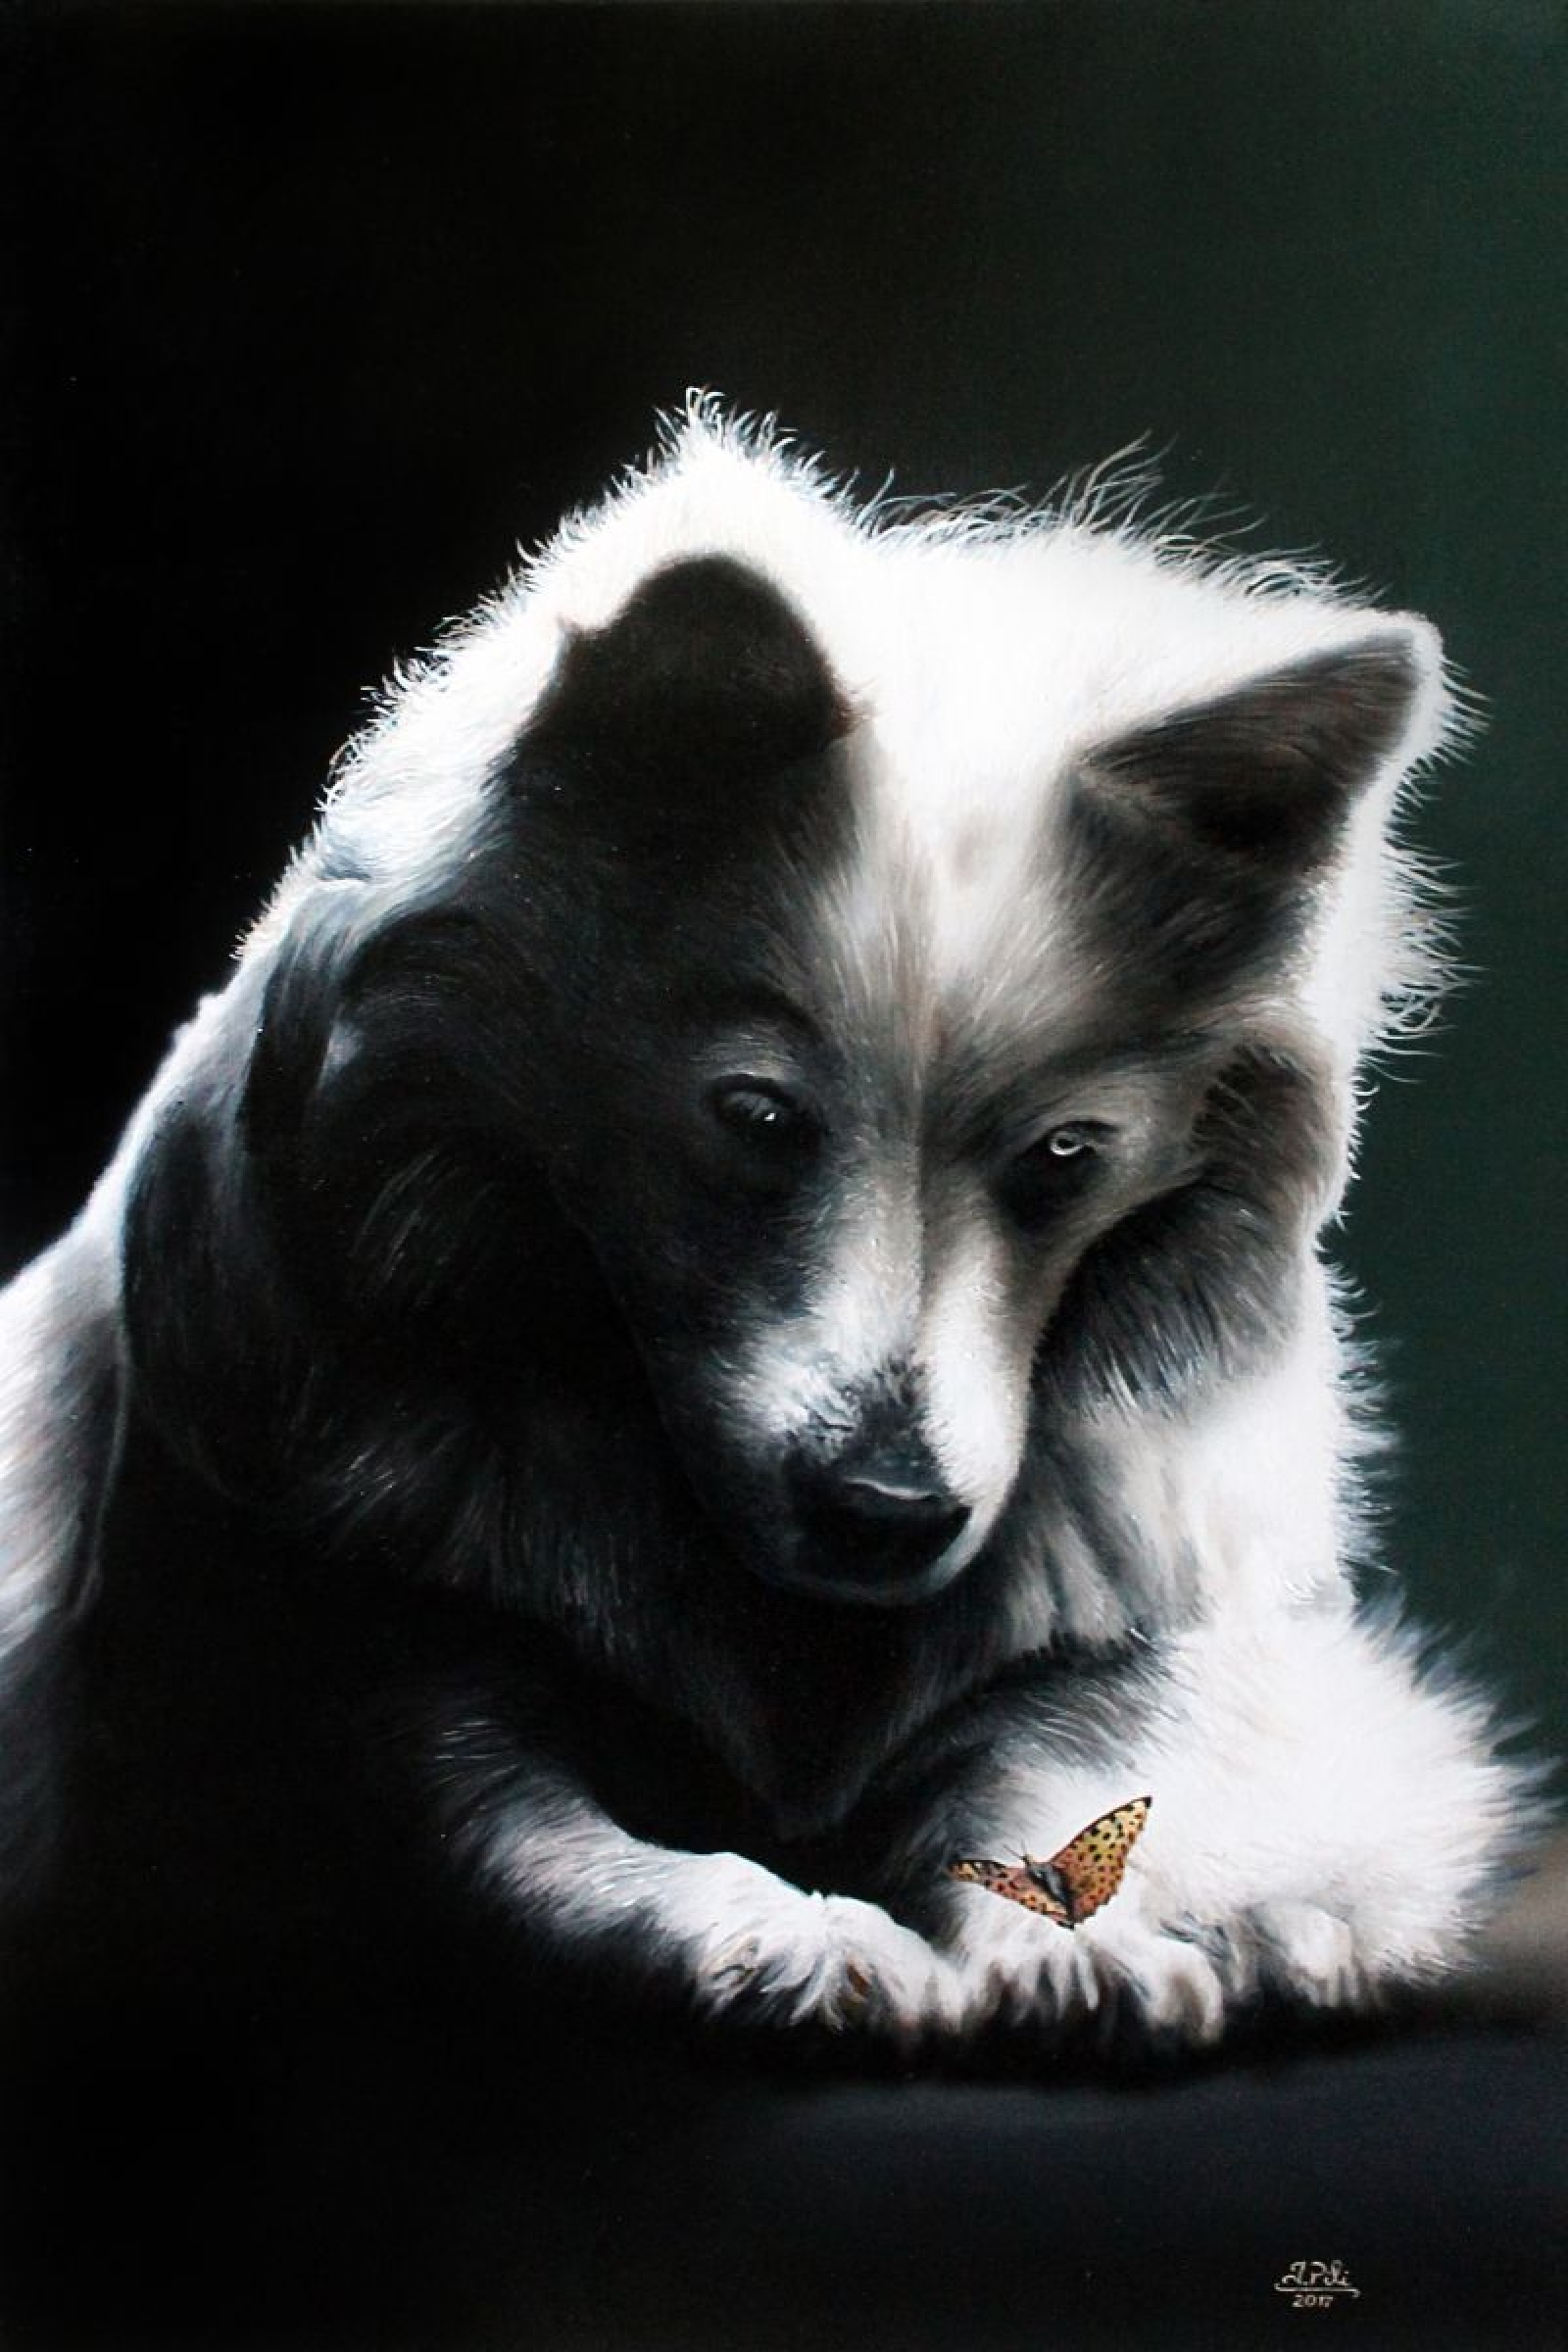 Ivan Pili - Animal stories #4